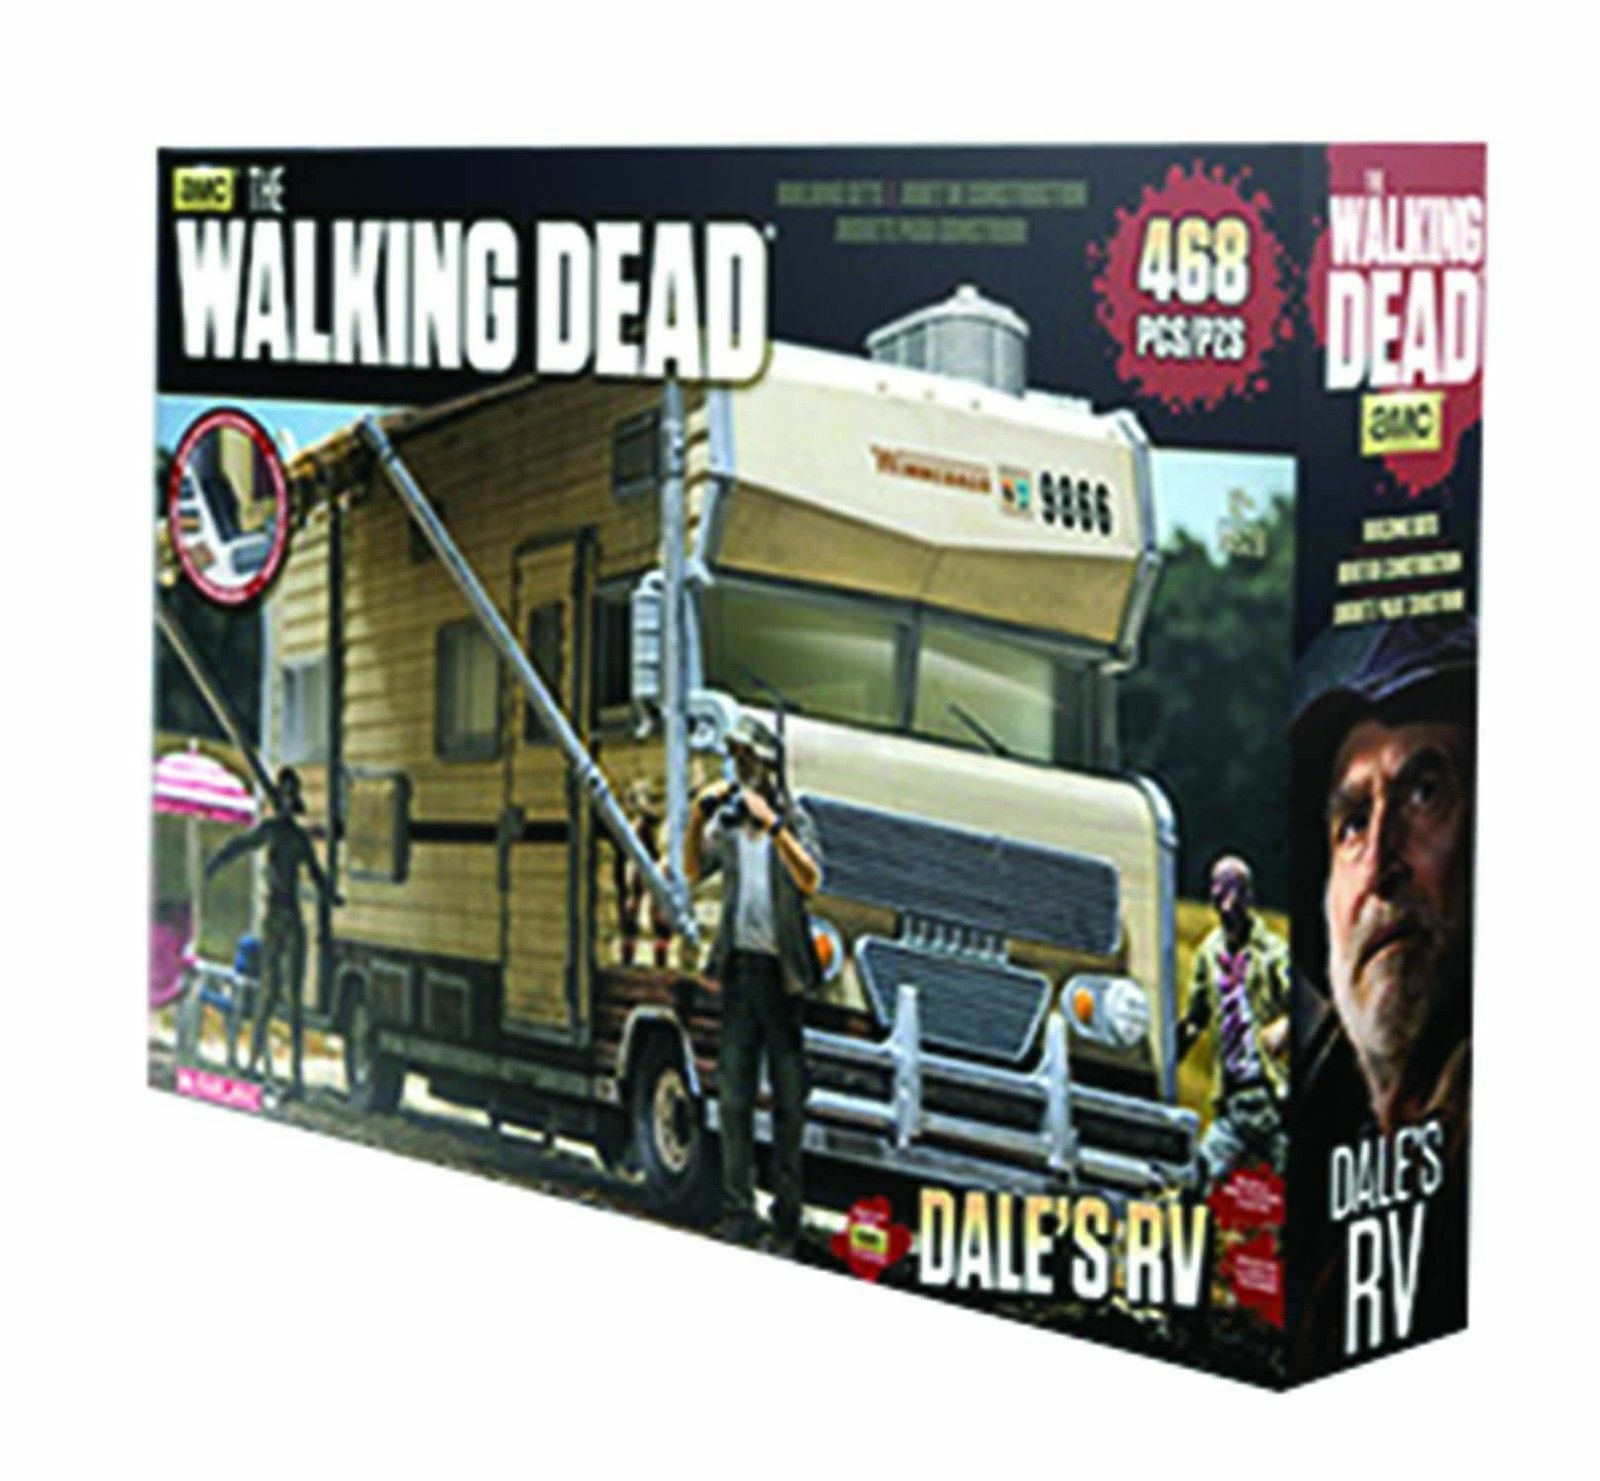 Dale ist wohnmobil walking dead mcfarlane spielzeug bauten den bau neuer gebäude